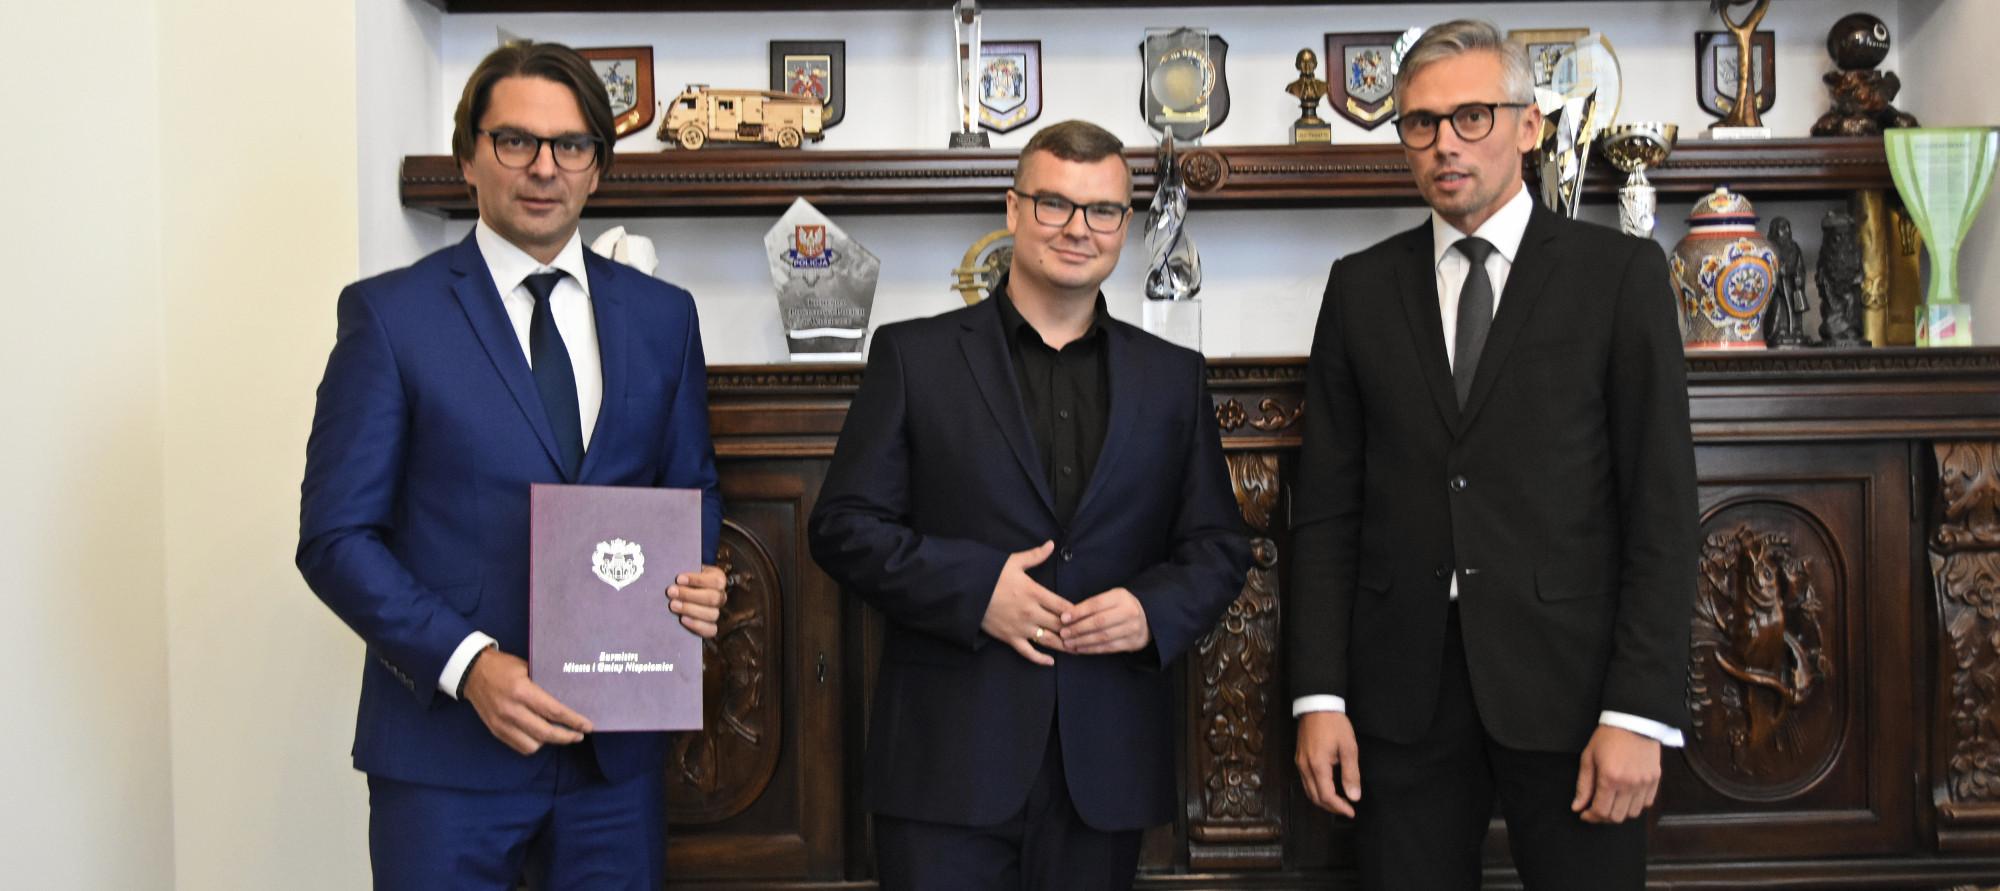 Burmistrz Roman Ptak wraz zastępcami - Michałem Hebdą i Adamem Twardowskim